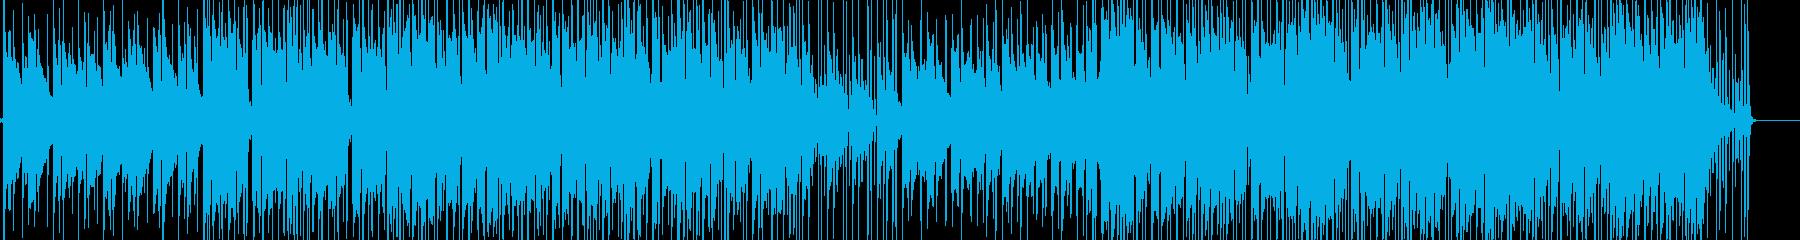 優しくドラマチックな展開のBGMの再生済みの波形